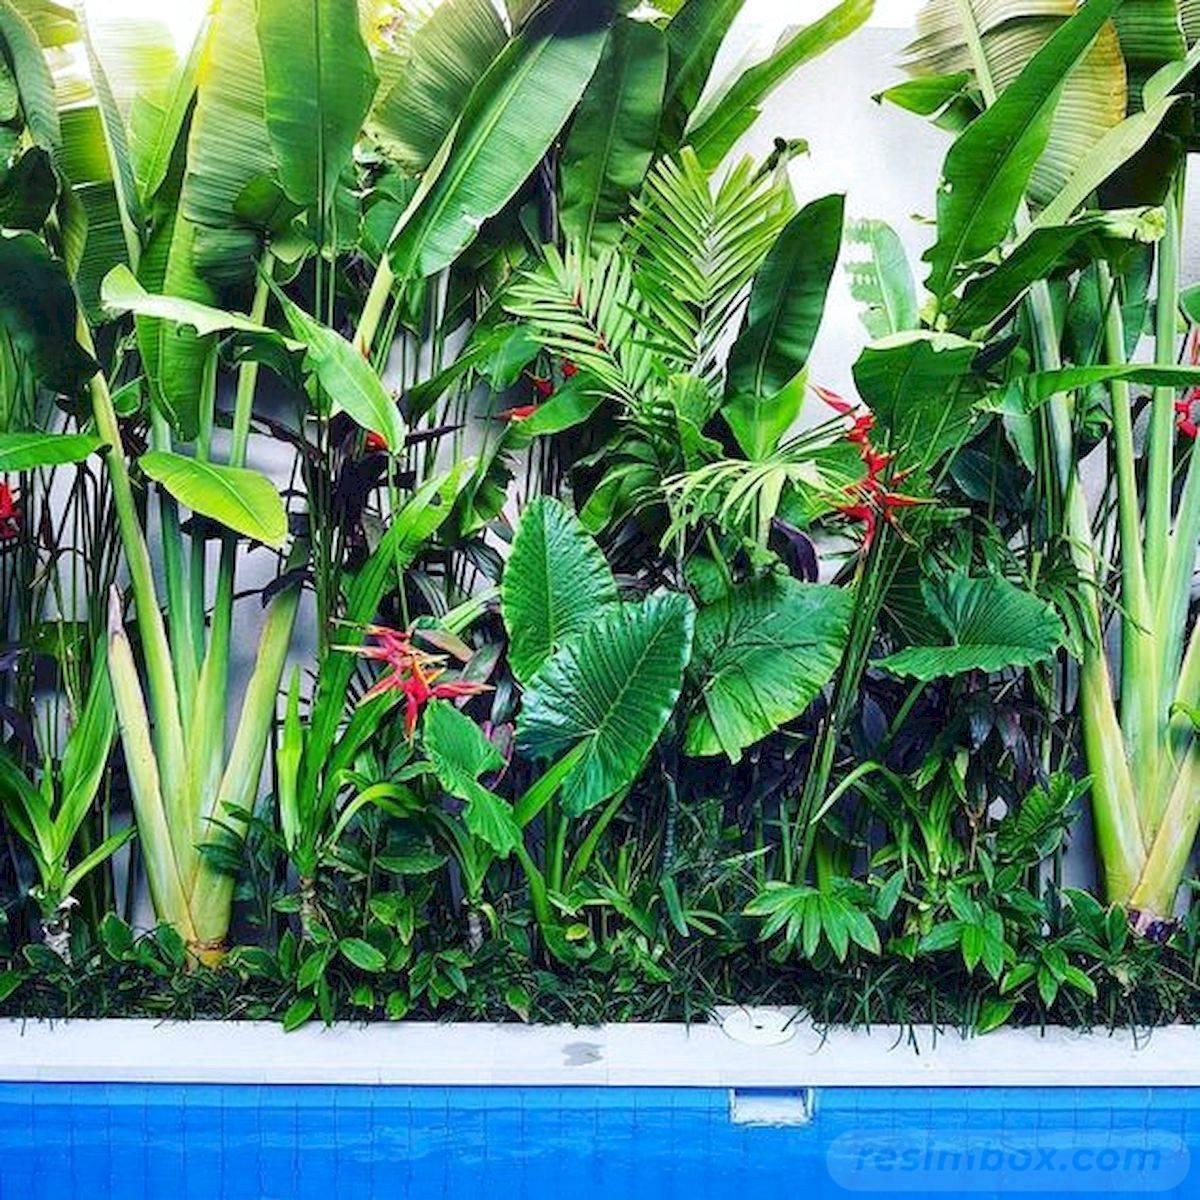 tropical garden ideas-588423507545035260